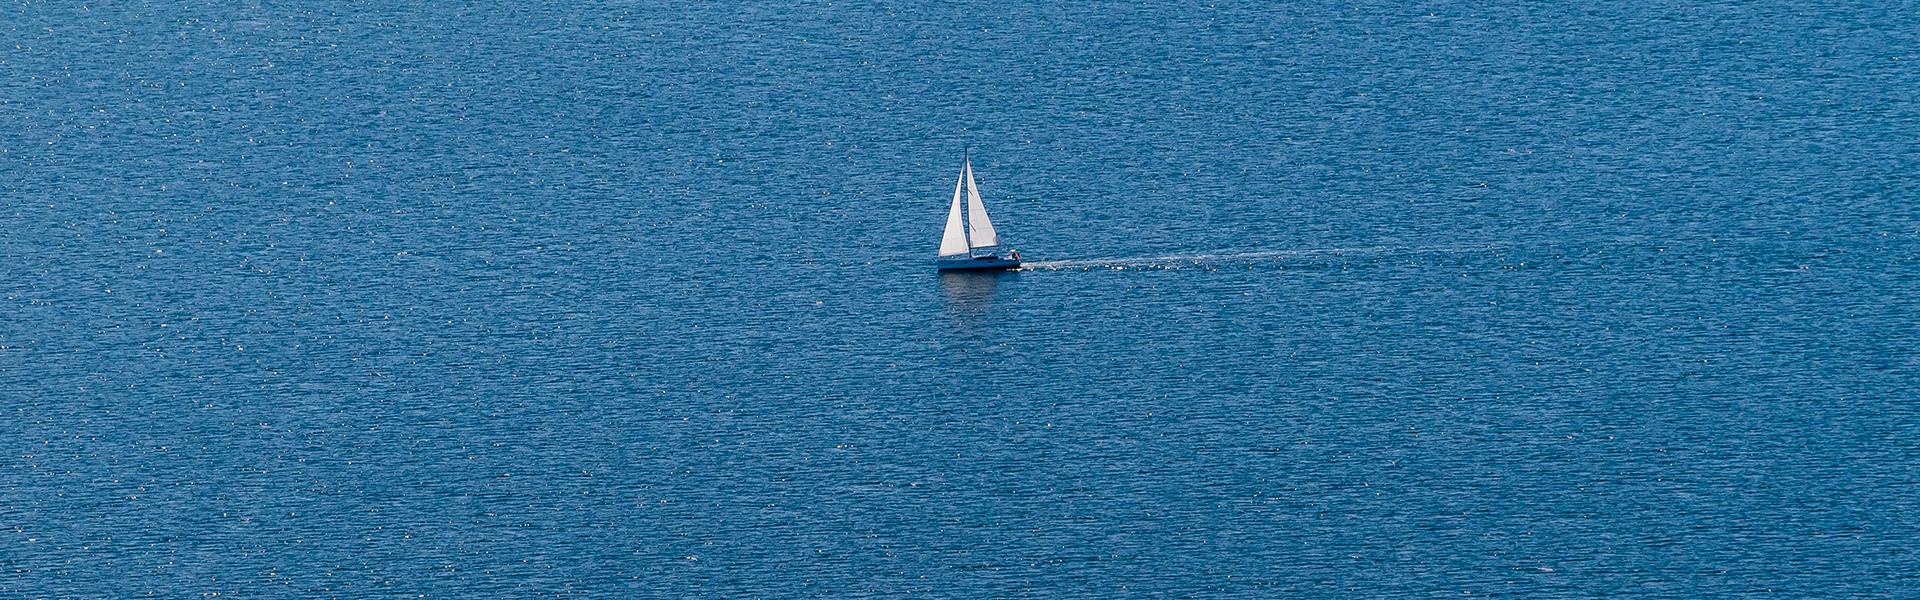 Segelboot_Luftaufnahmen_DOMUSimages_w1920